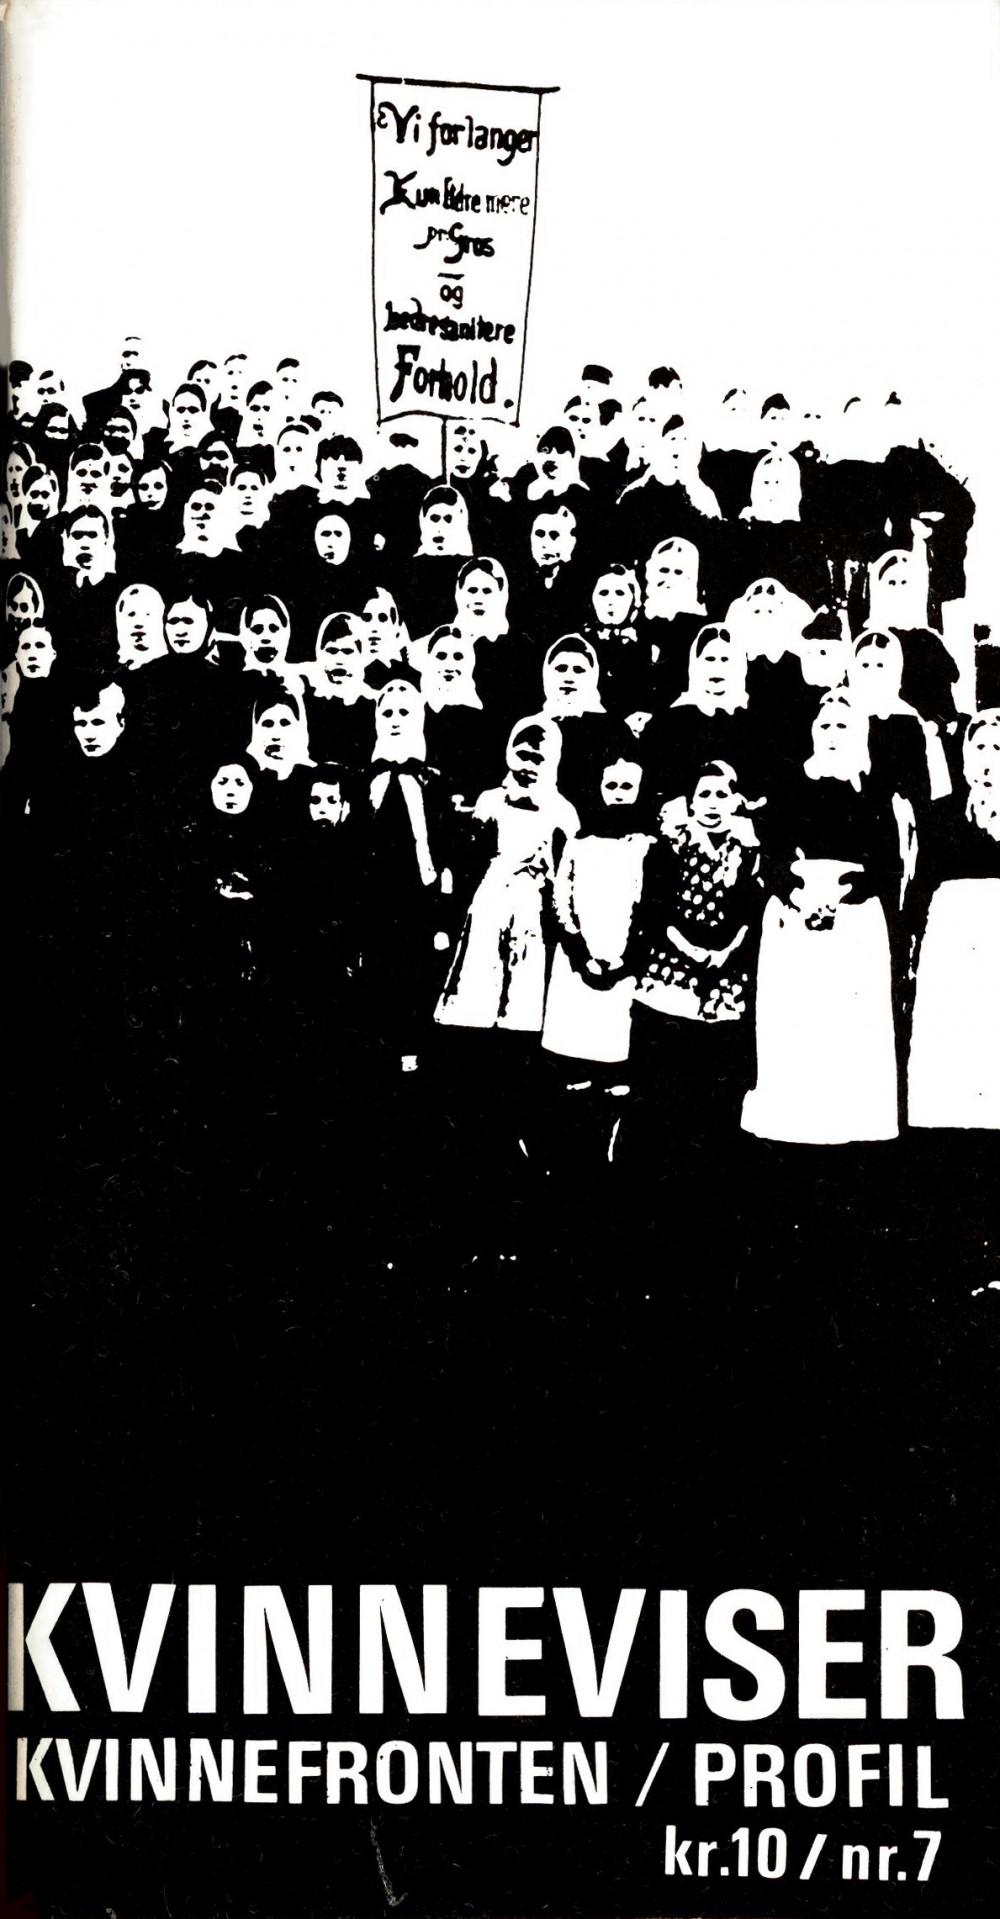 Songar frå folkets kamp - Profil ekstra nr. 2b 1975 - Kvinneviser - Kvinnefronten / Profil